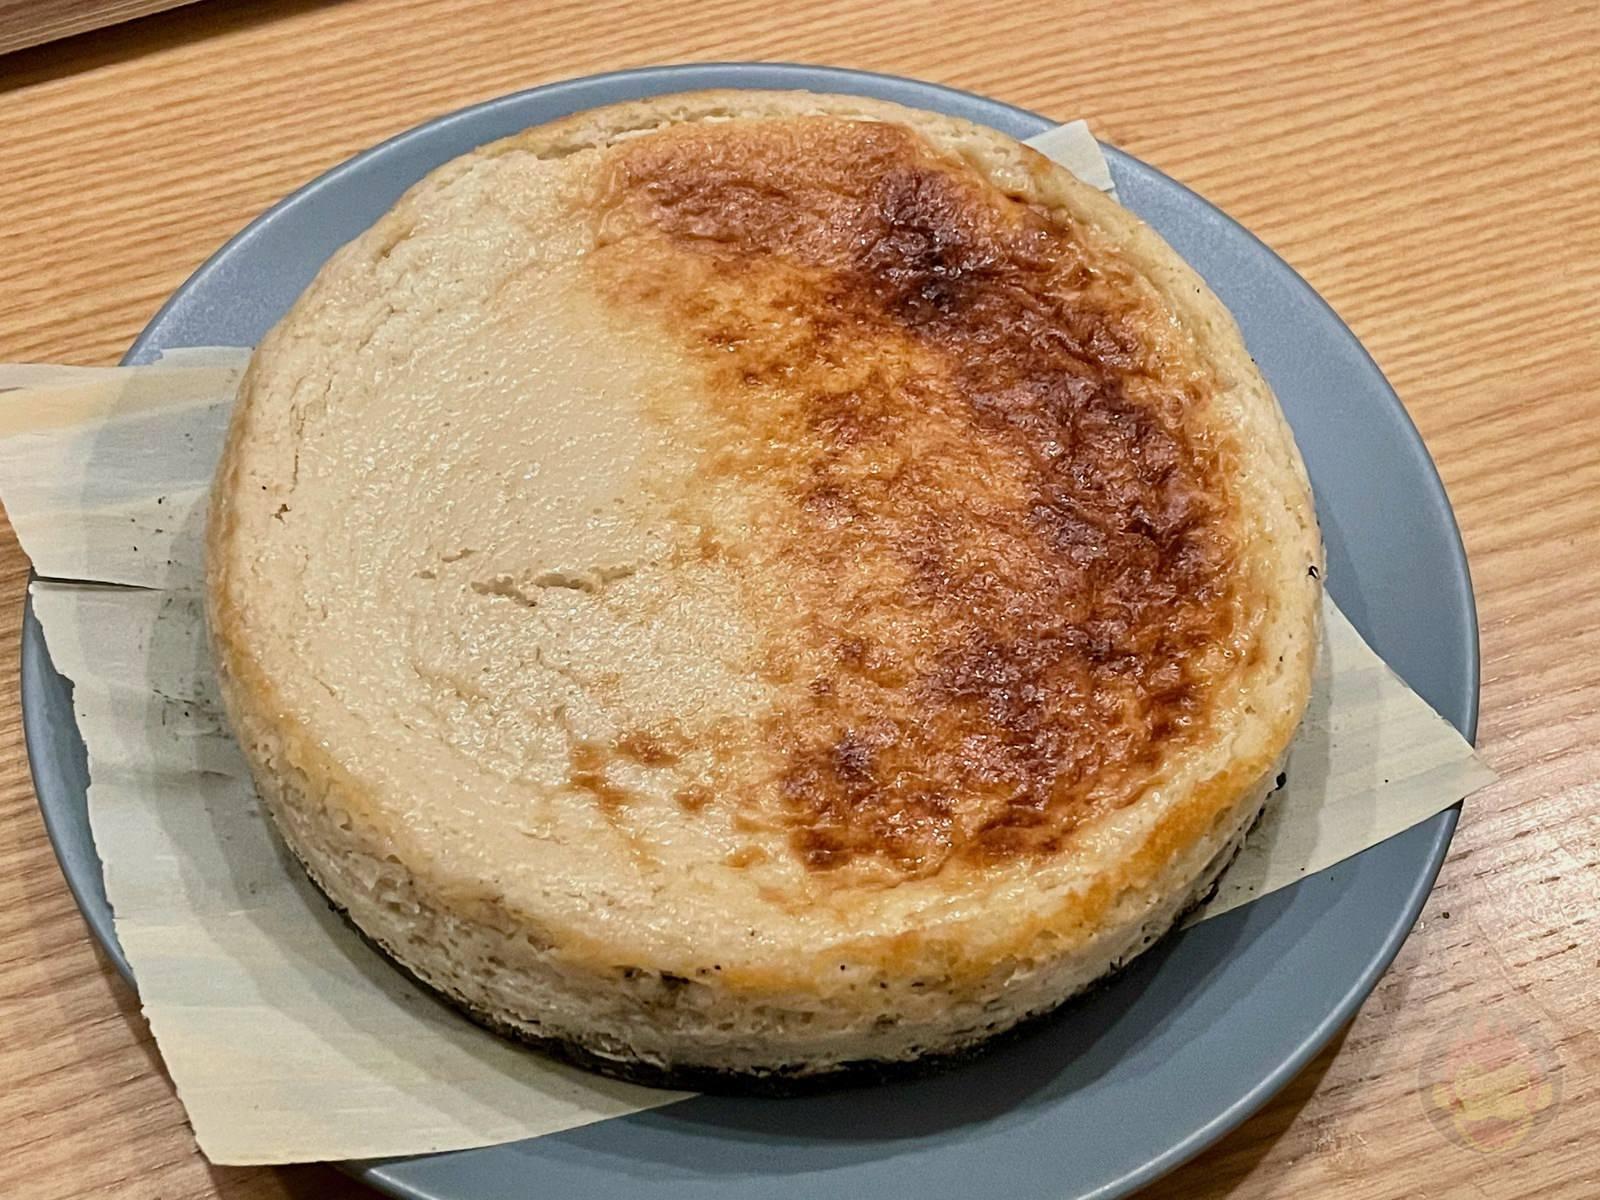 woodcanvas-cheesecake-vegan-organic-01.jpg